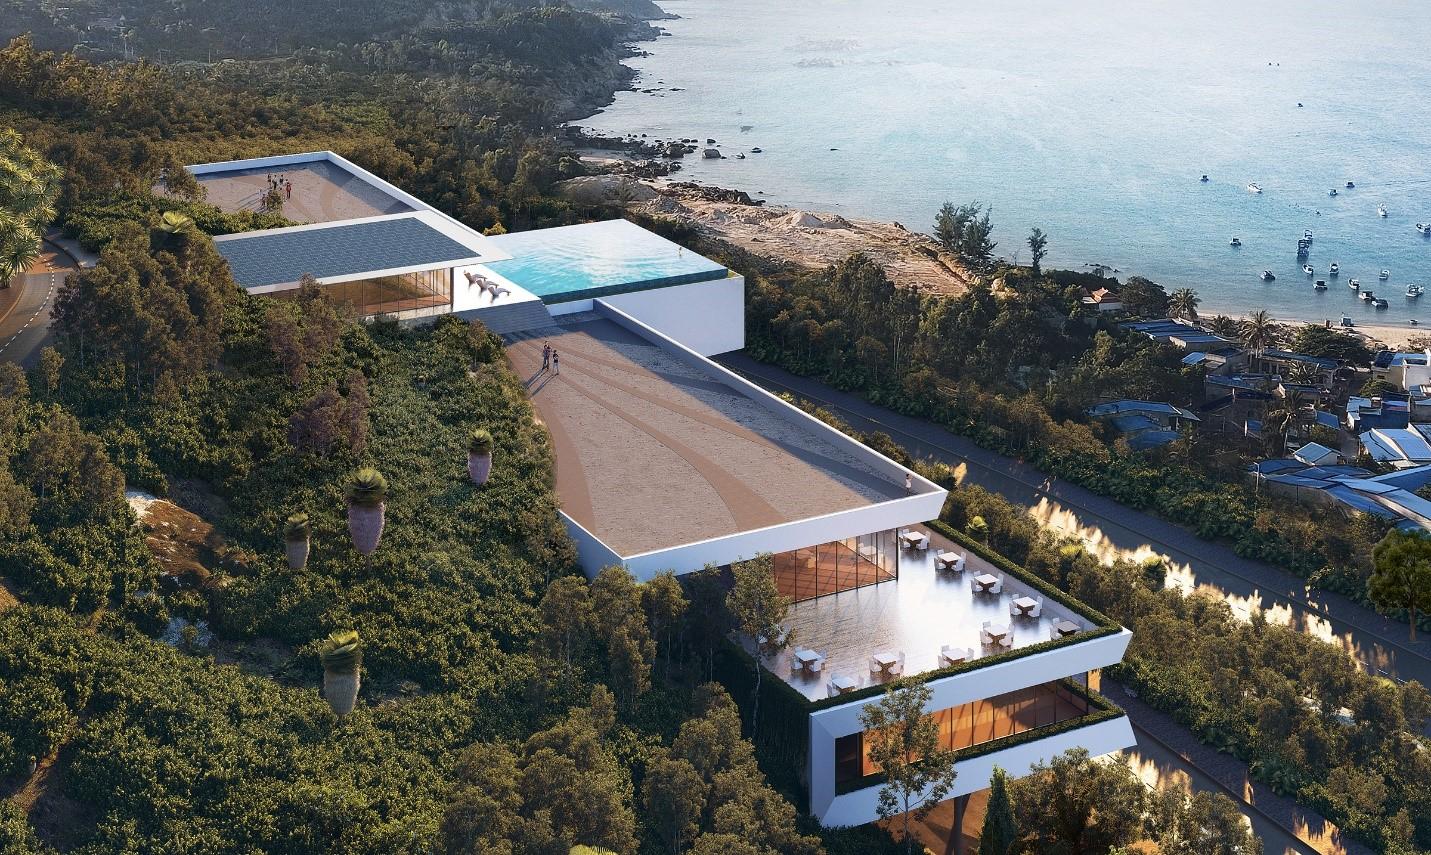 Bất động sản Quy Nhơn sở hữu nhiều tiềm năng phát triển mạnh, nhất là trên phân khúc cao cấp. Ảnh phối cảnh dự án Casa Marina Premium.